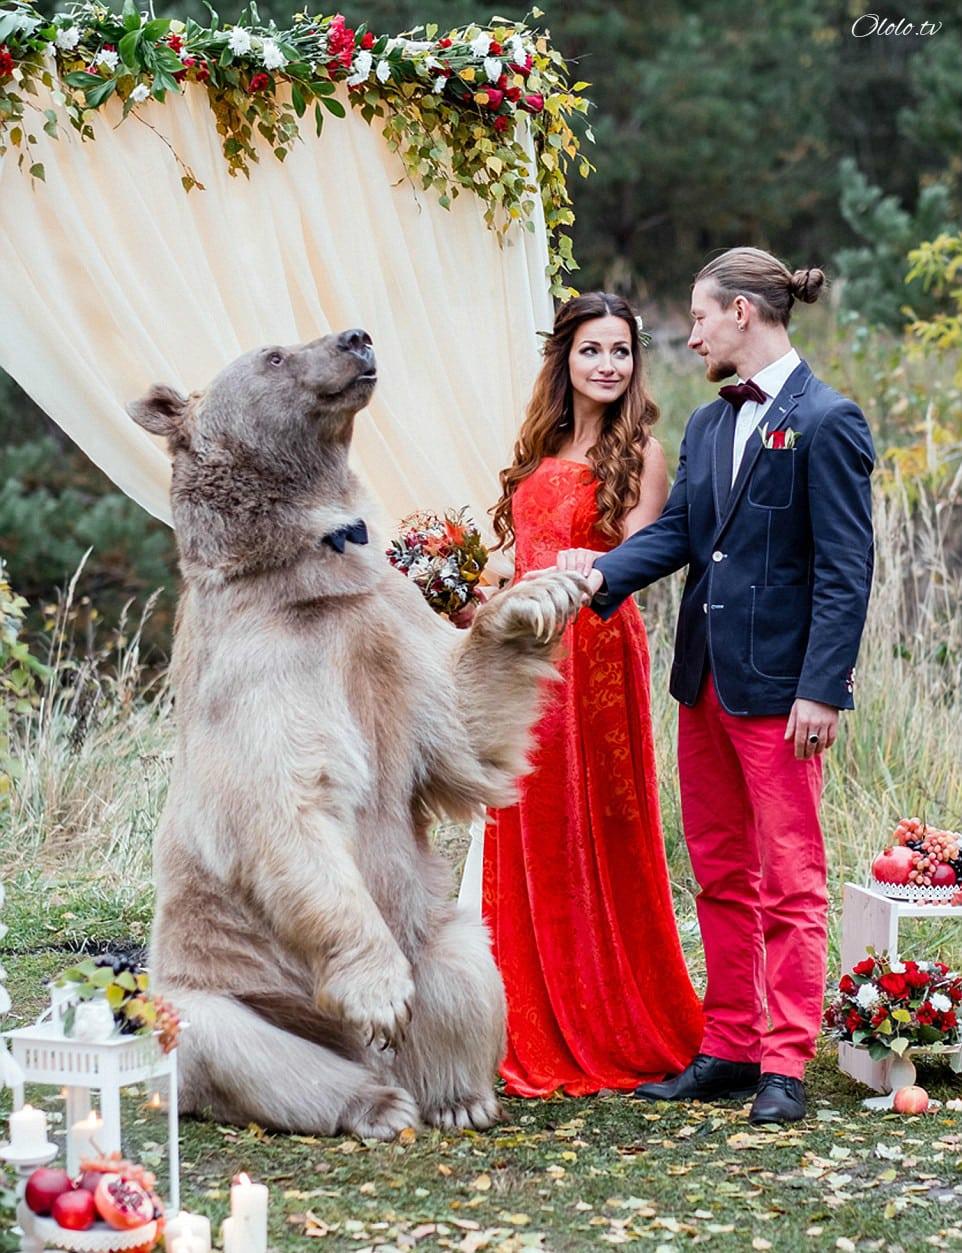 Свадьба по-русски: медведь благословляет жениха и невесту рис 11